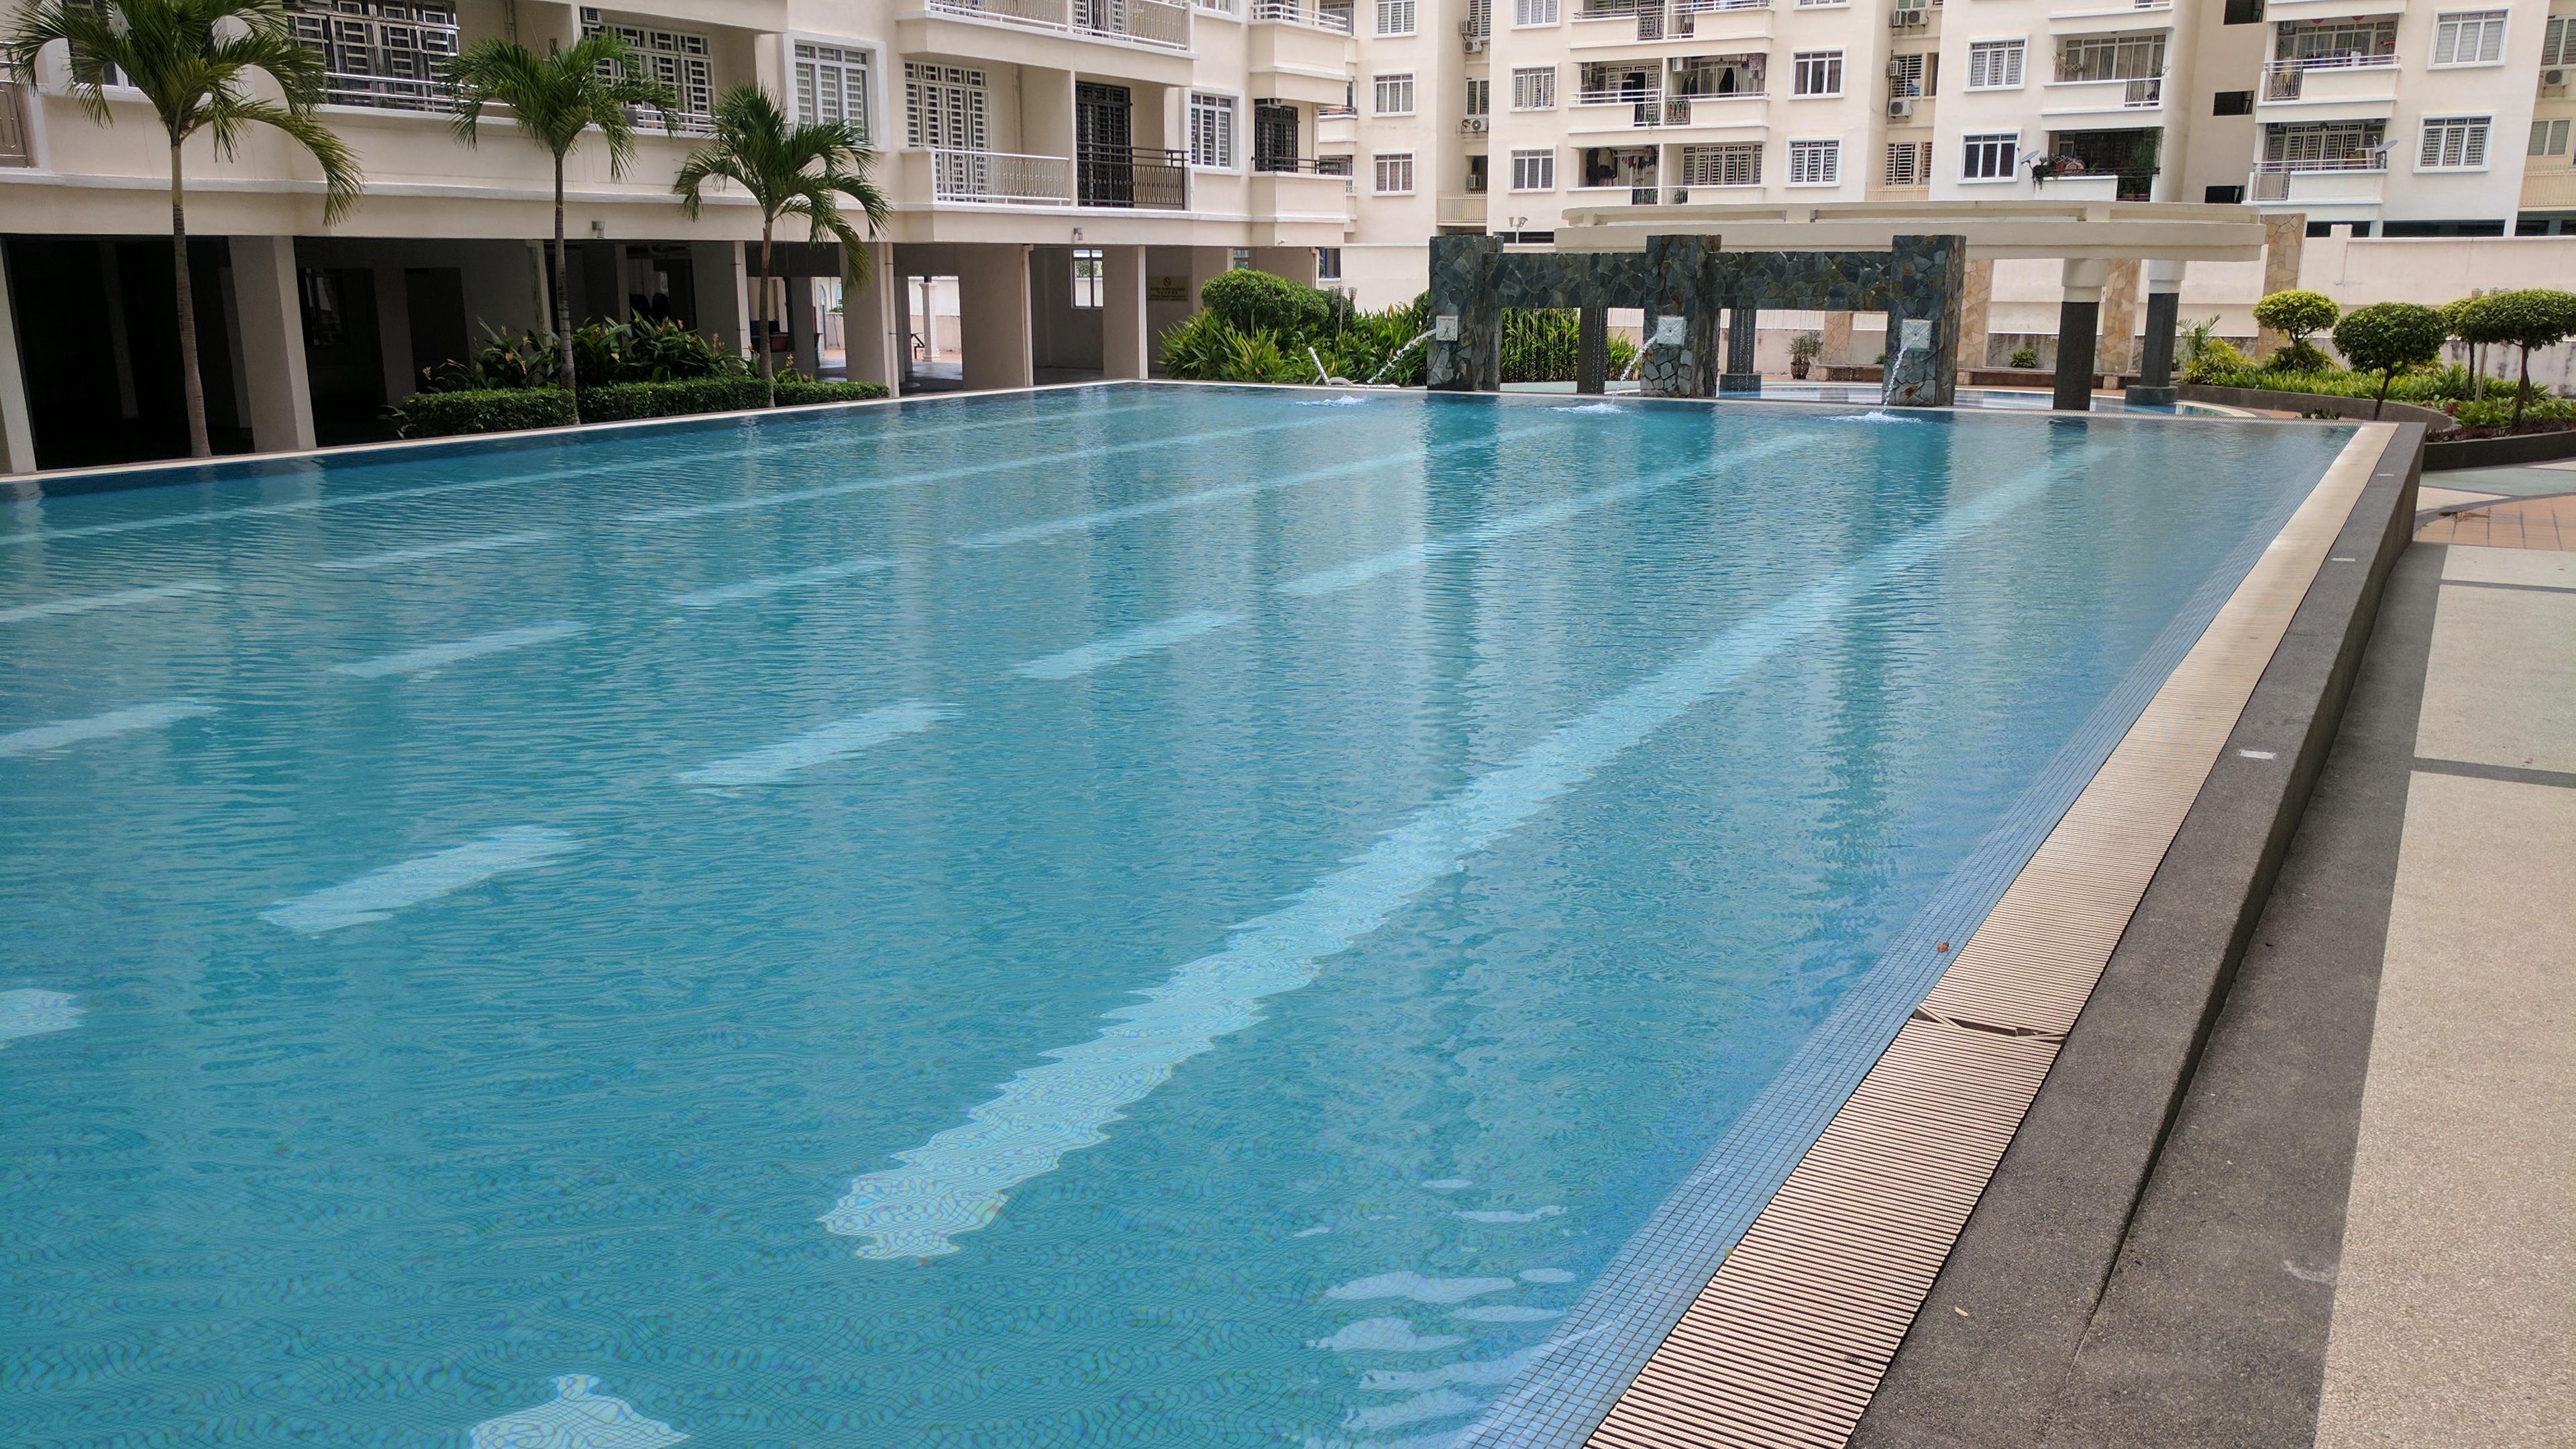 Pool in Penang, Malaysia